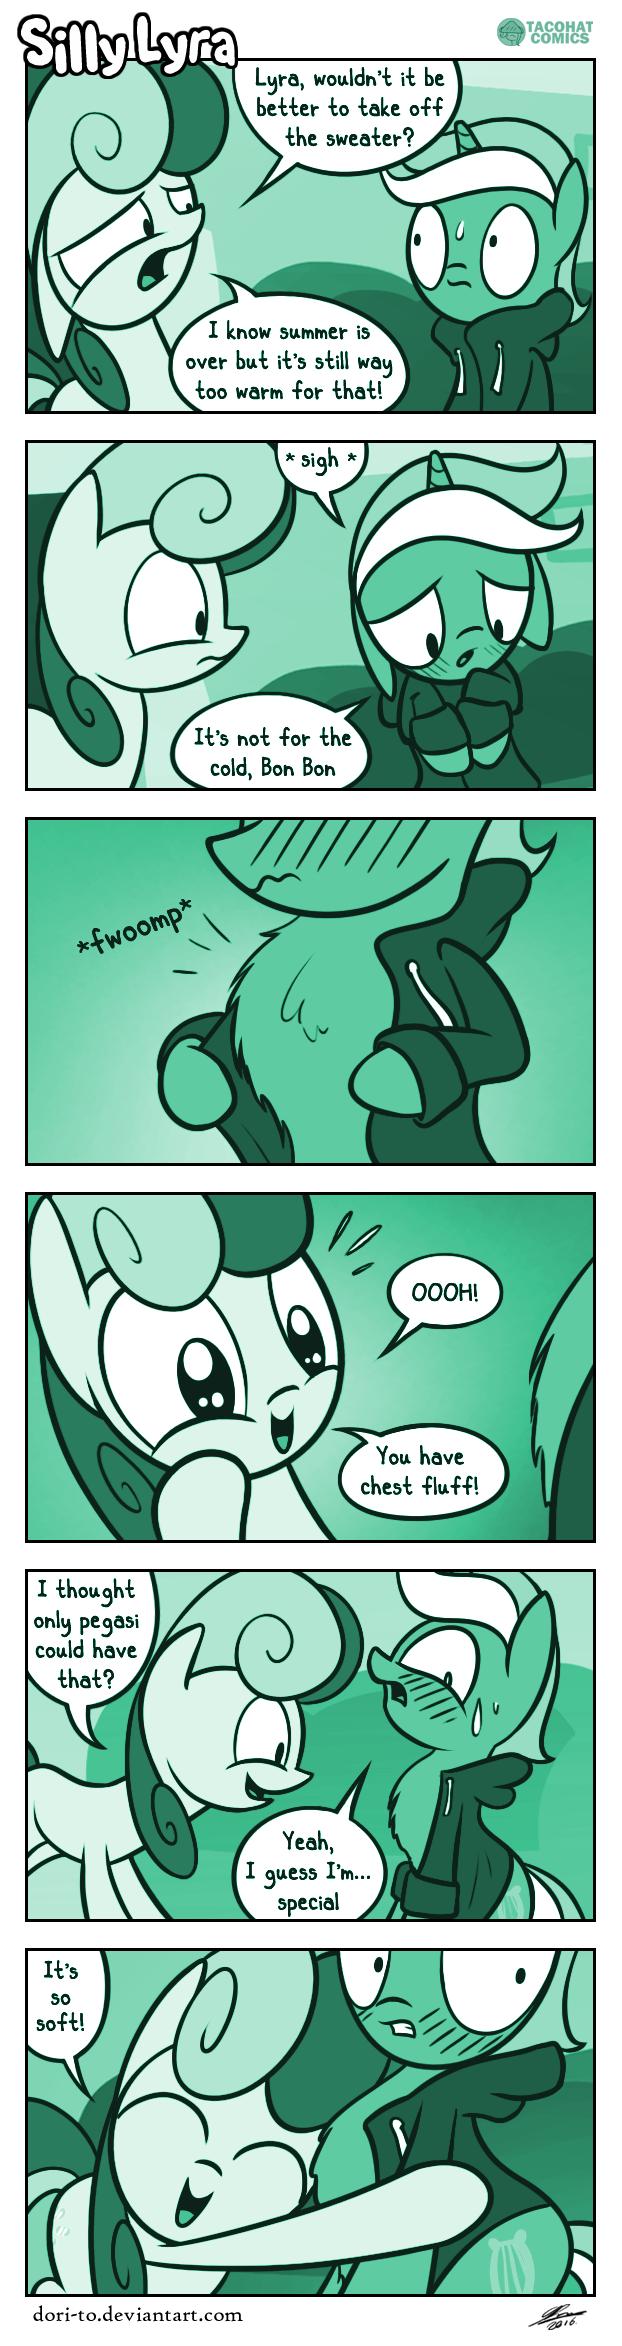 Silly Lyra - Fluffy Fall